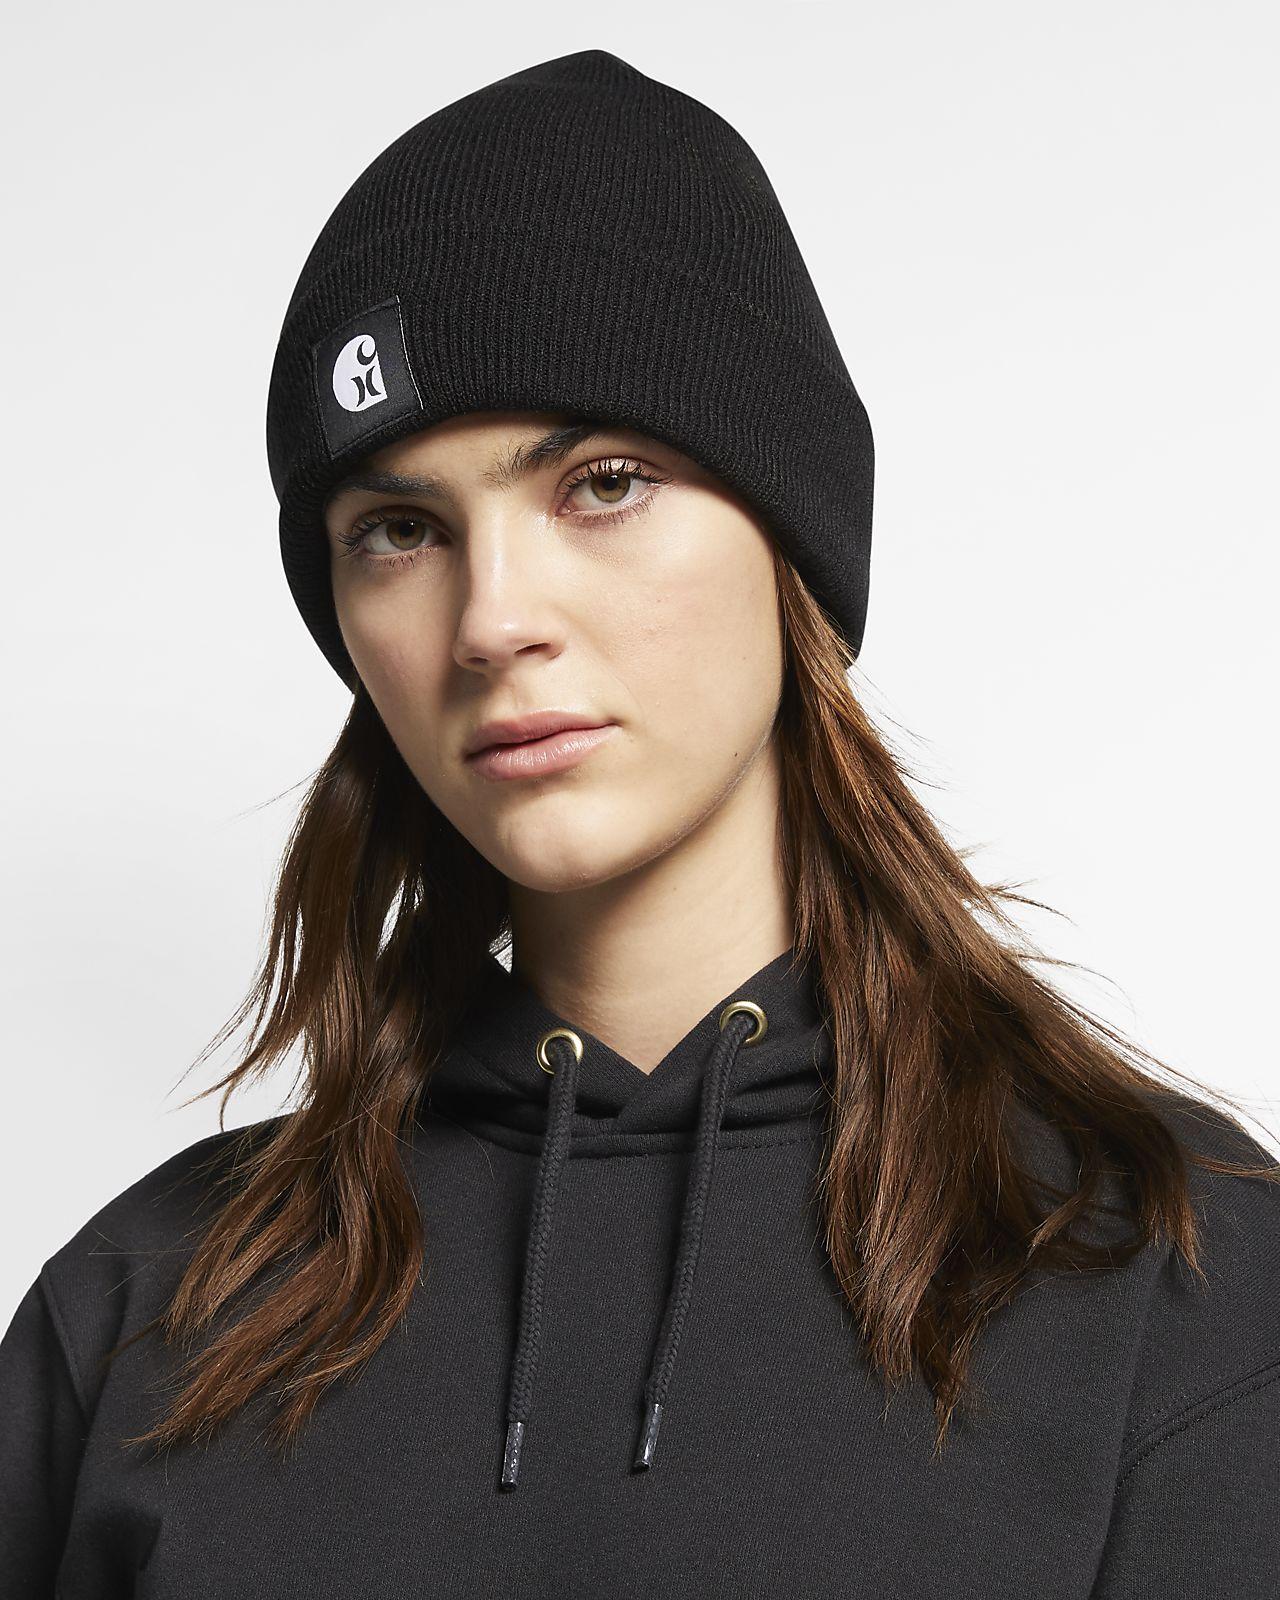 ca5fa8dd69aca0 Hurley x Carhartt Unisex Beanie. Nike.com